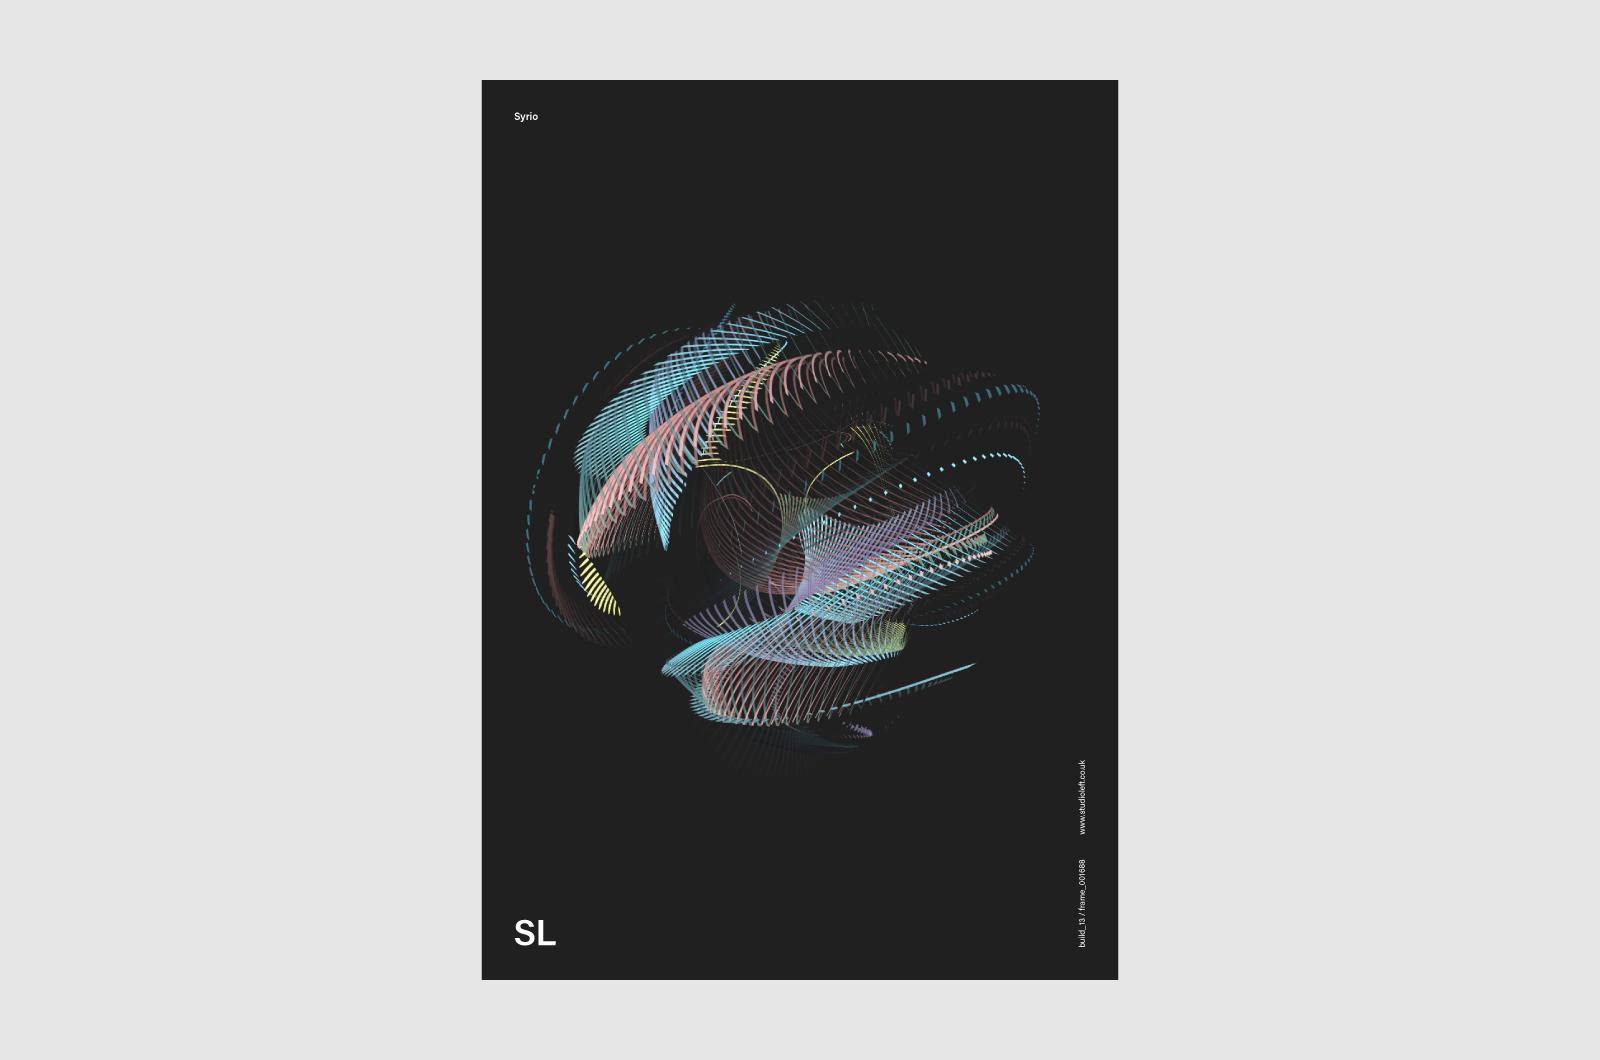 Syrio poster 01